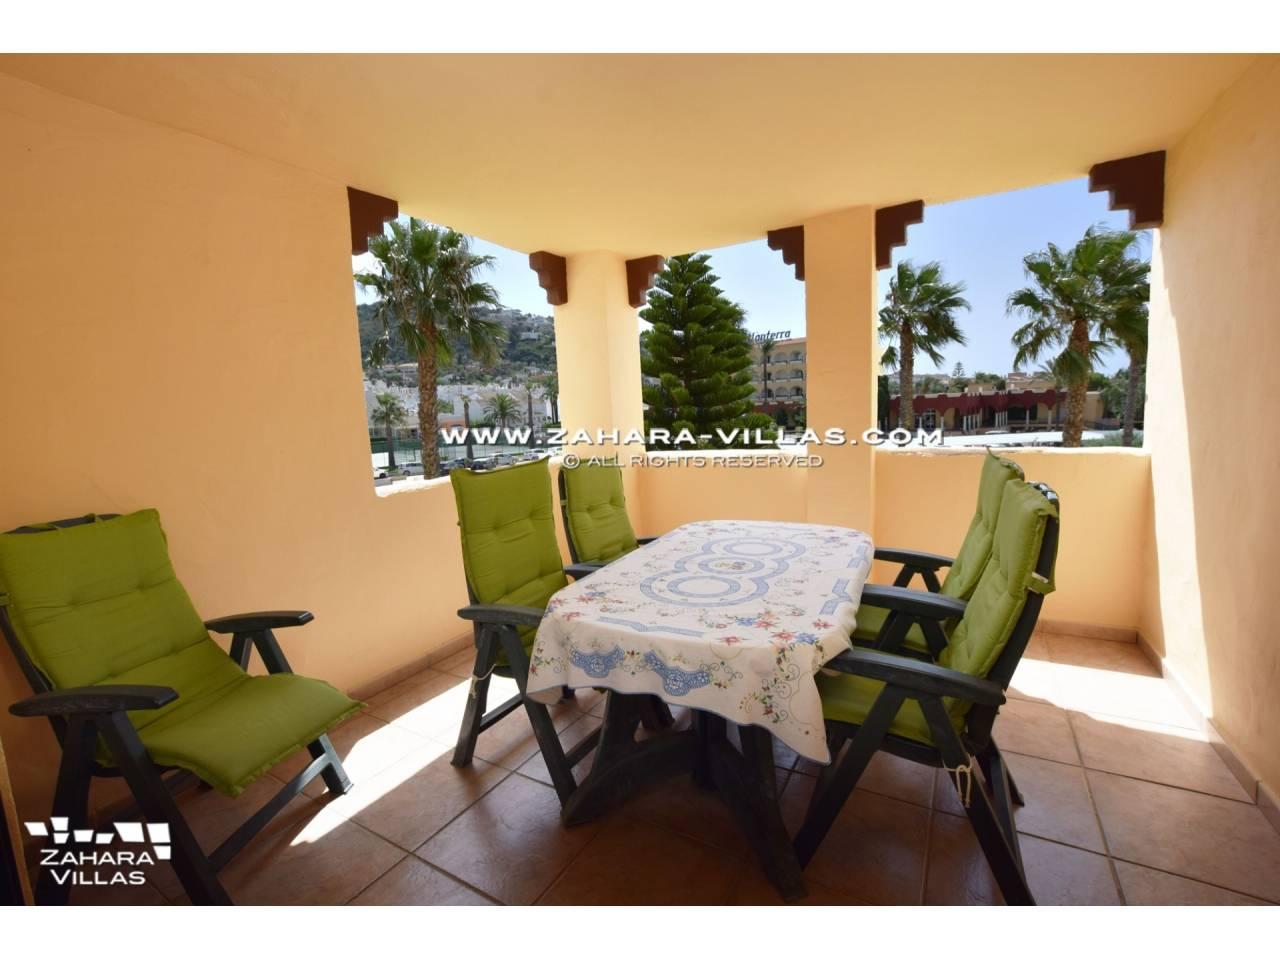 Wohnung zu verkaufen in urb jardines de zahara - Jardines de zahara ...